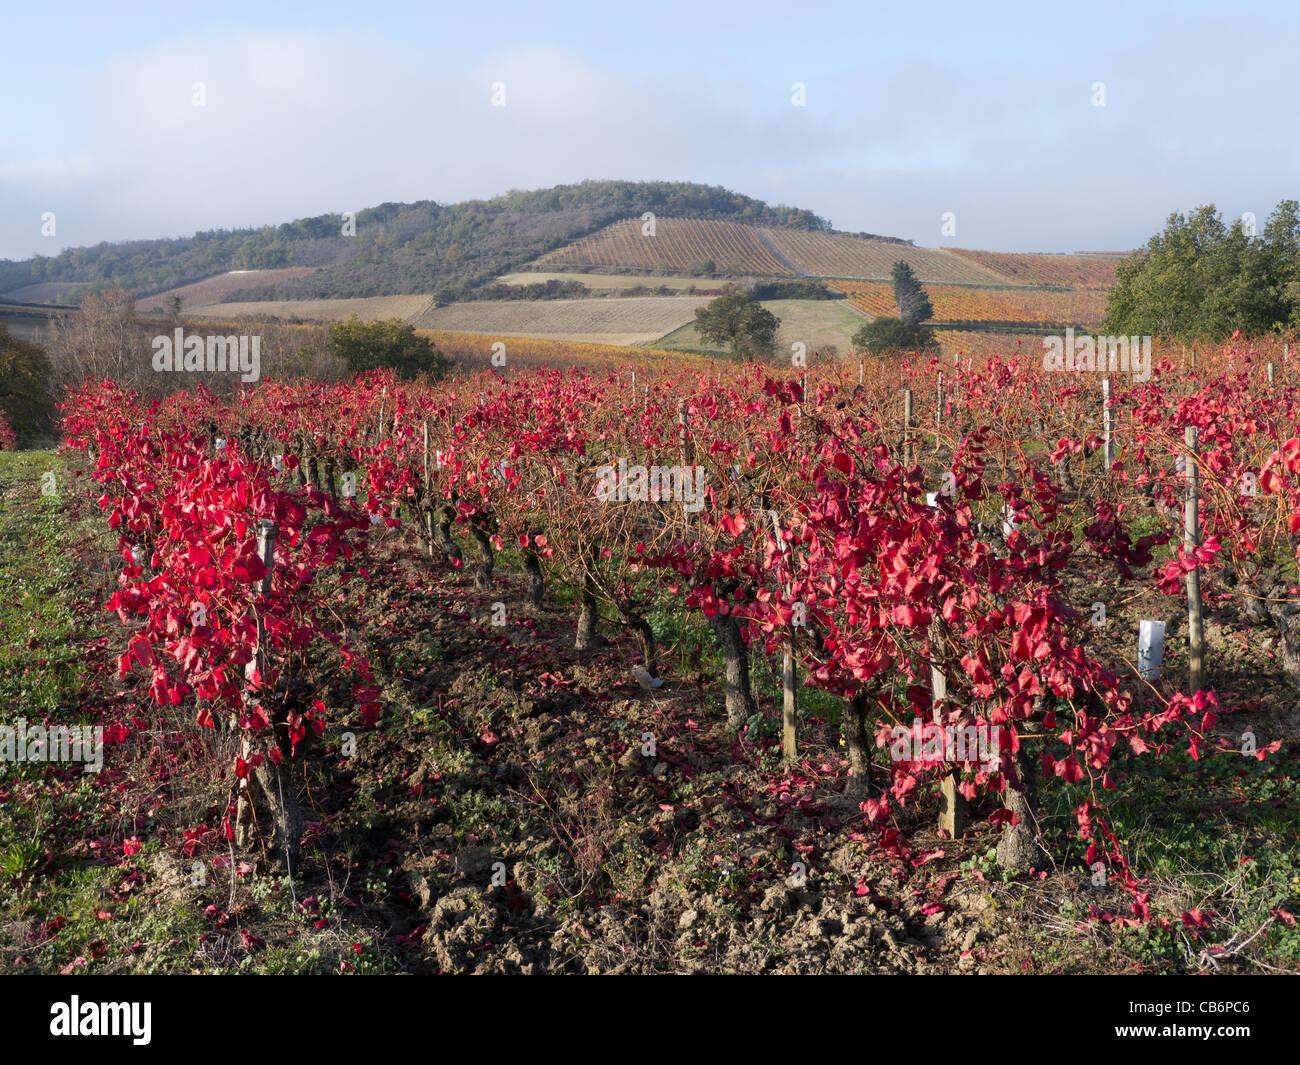 Hojas de vid se tornan rojas en el otoño de LTE en un viñedo en el Aude, Languedoc, Francia Imagen De Stock